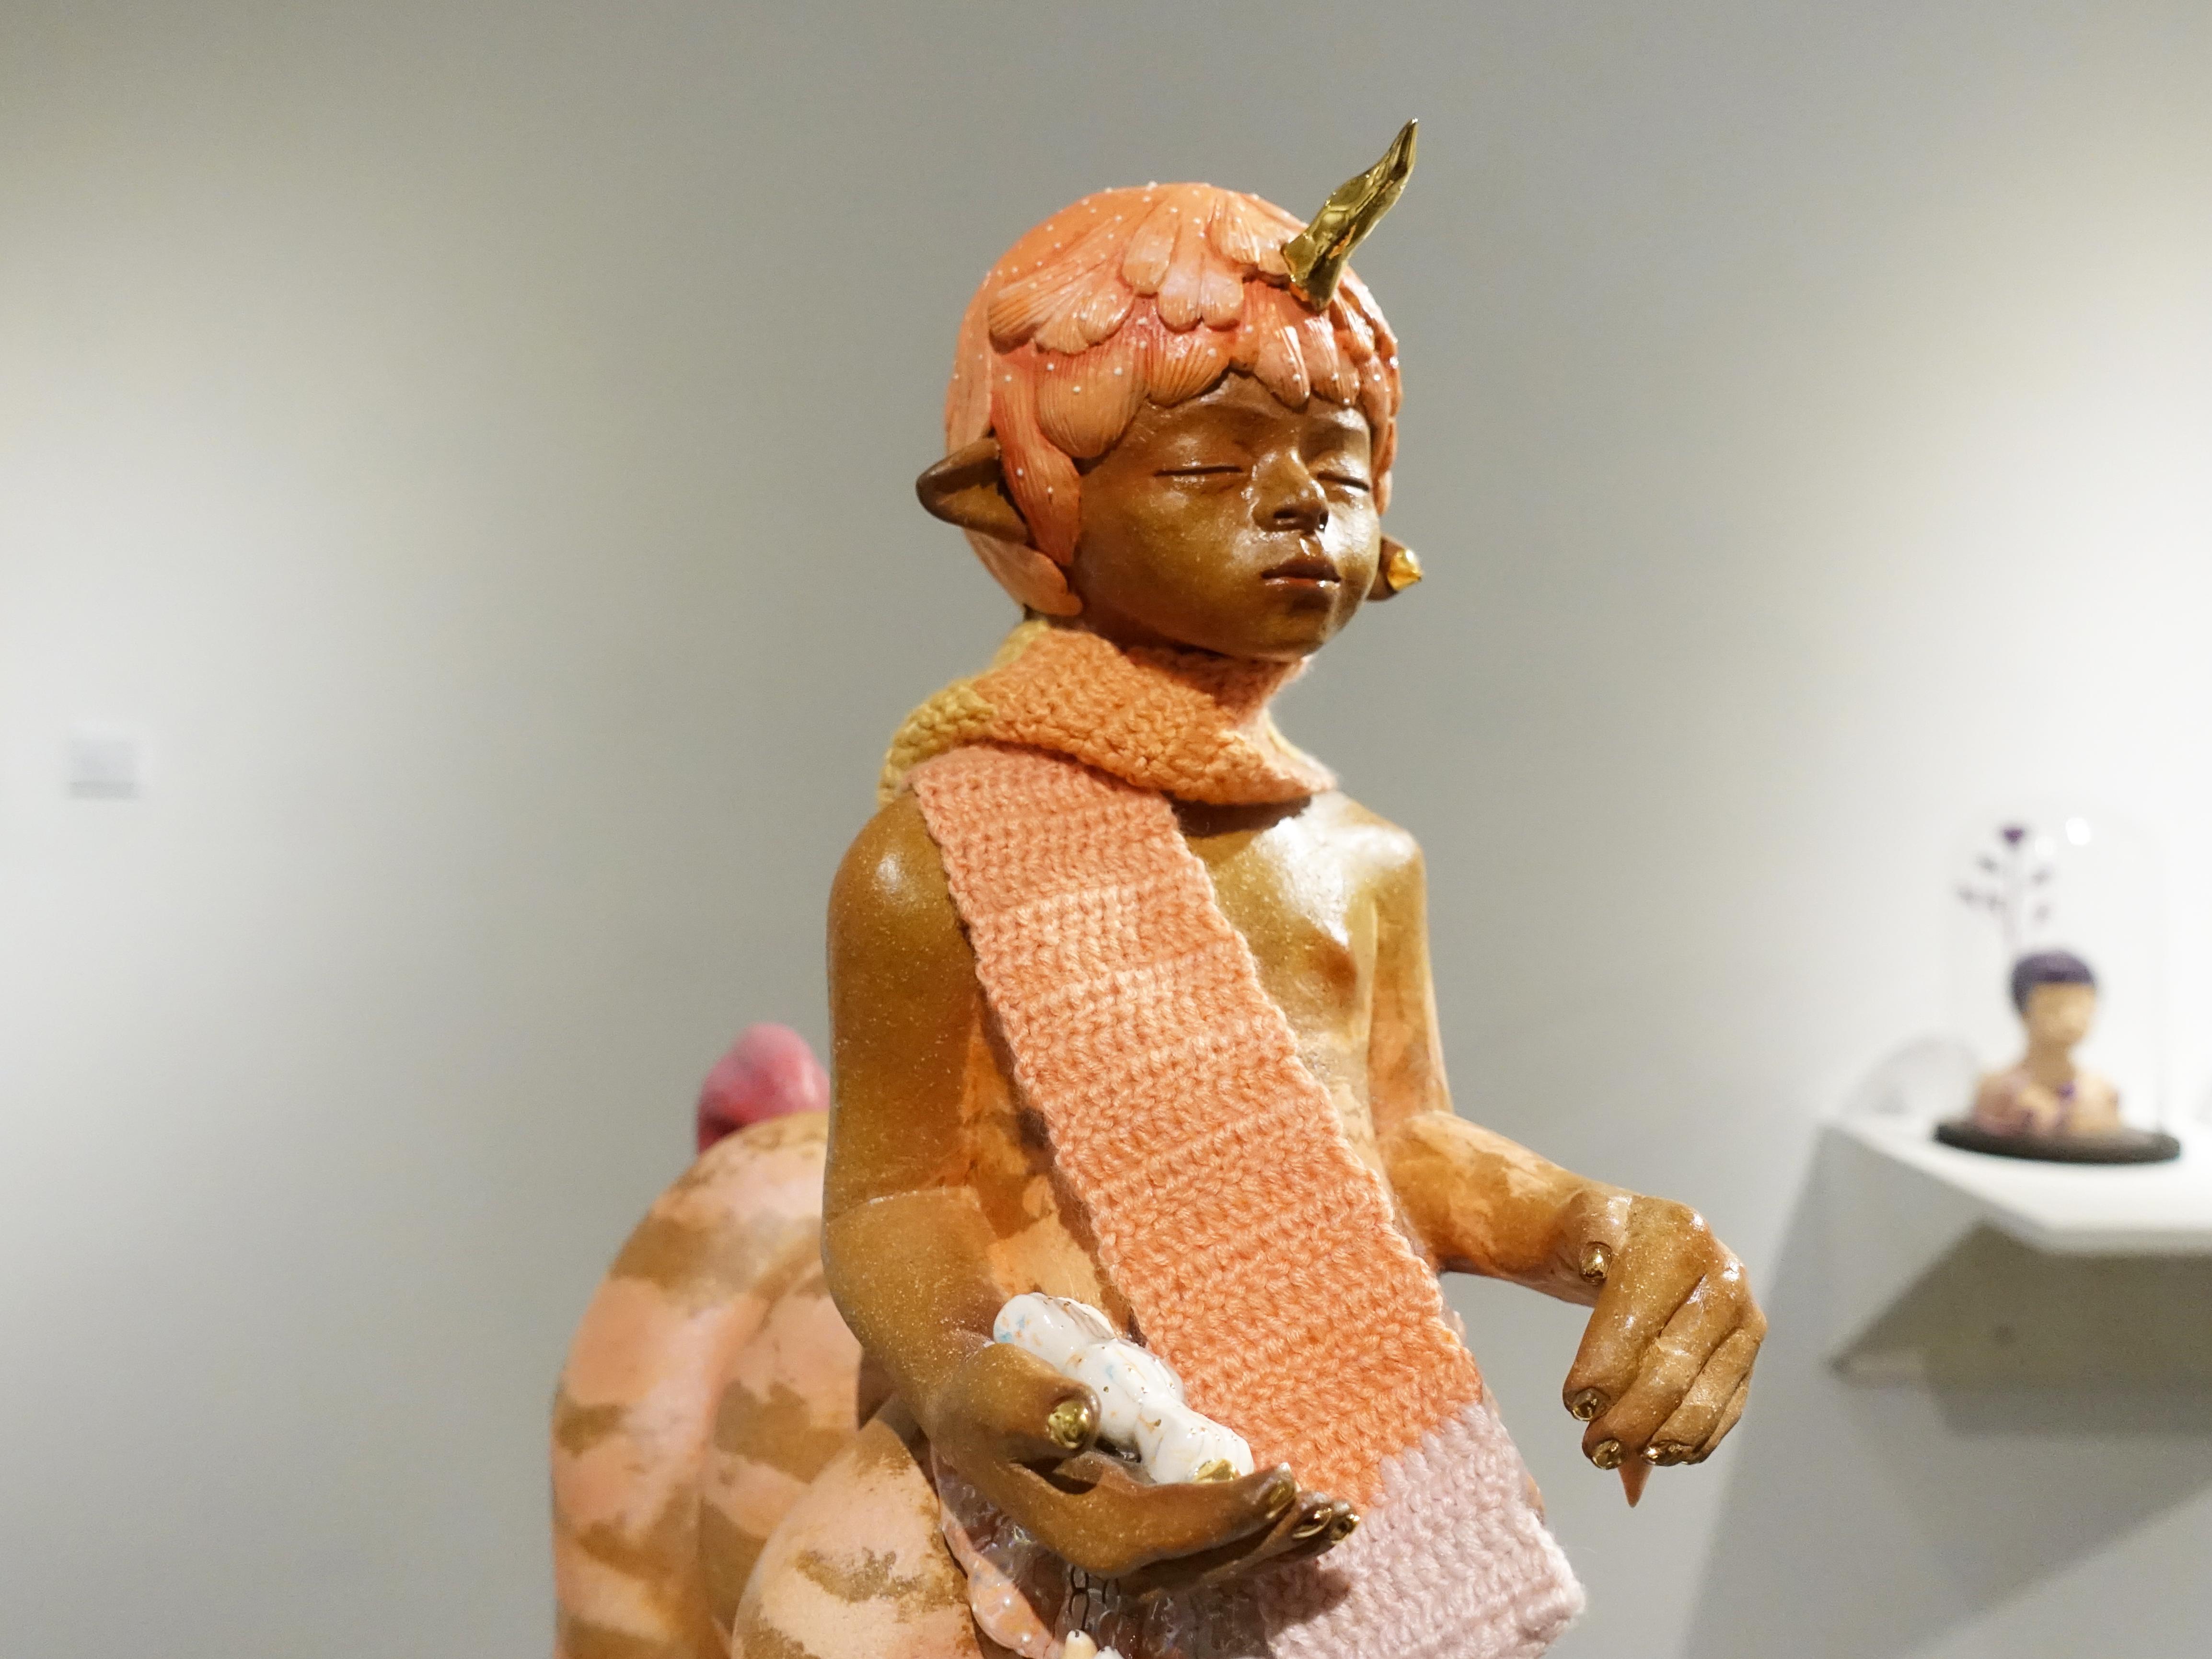 楊宗嘉,《獨角獸男孩》細節,38 x 16 x 18cm,陶瓷、釉下彩、釉上彩、纖維、釉藥,2018。